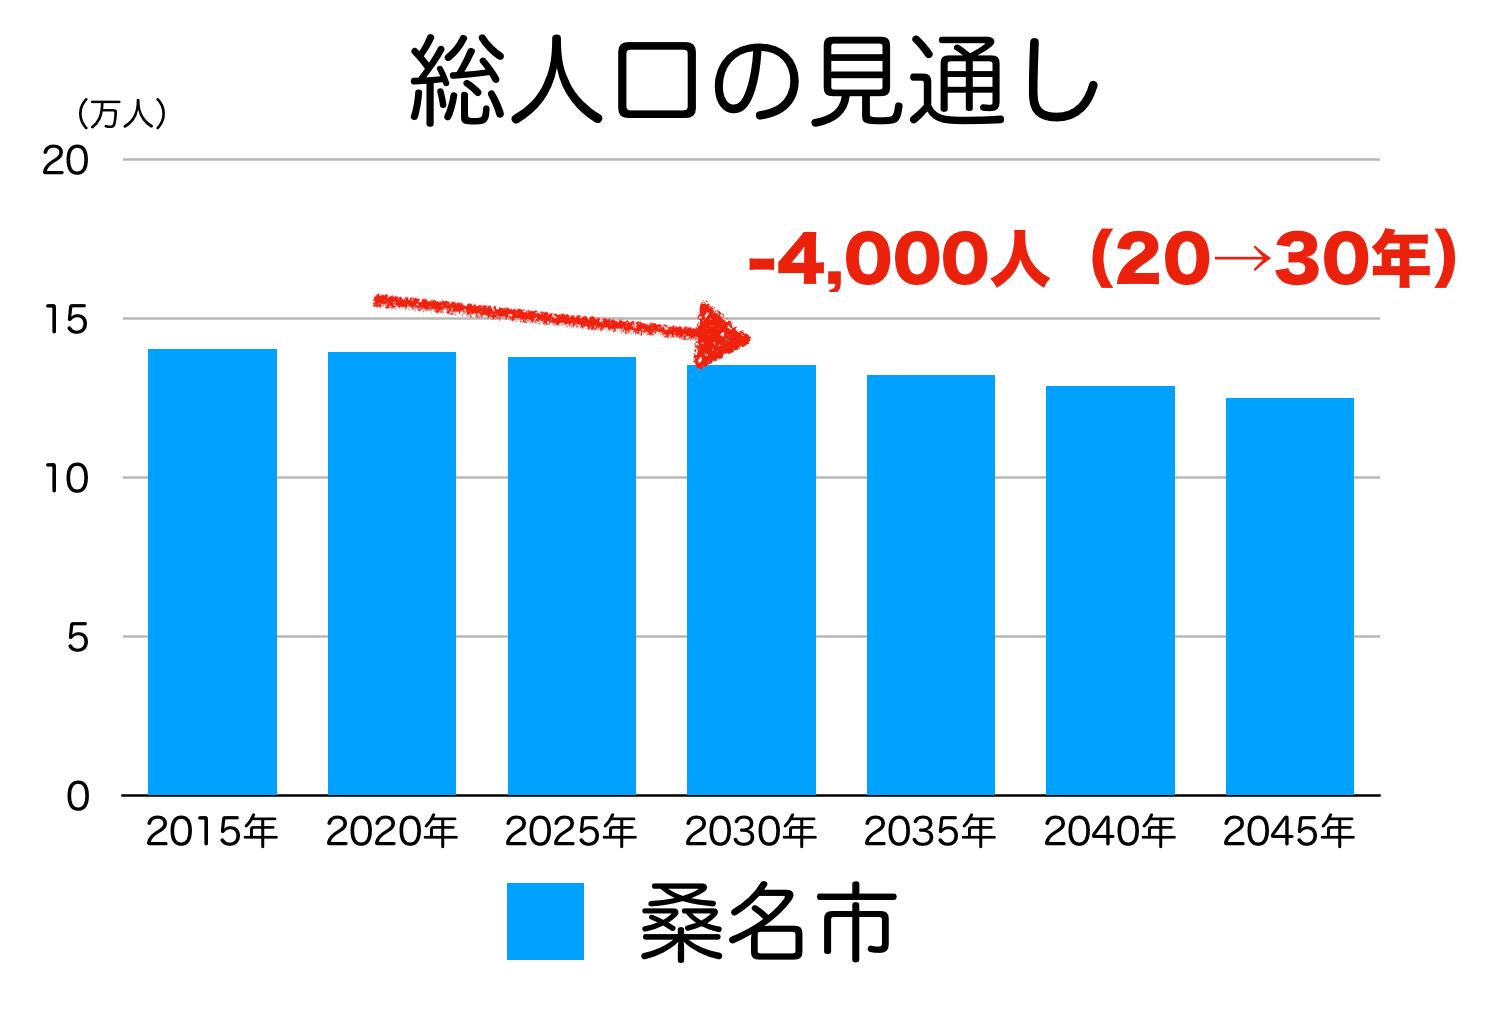 桑名市の人口予測